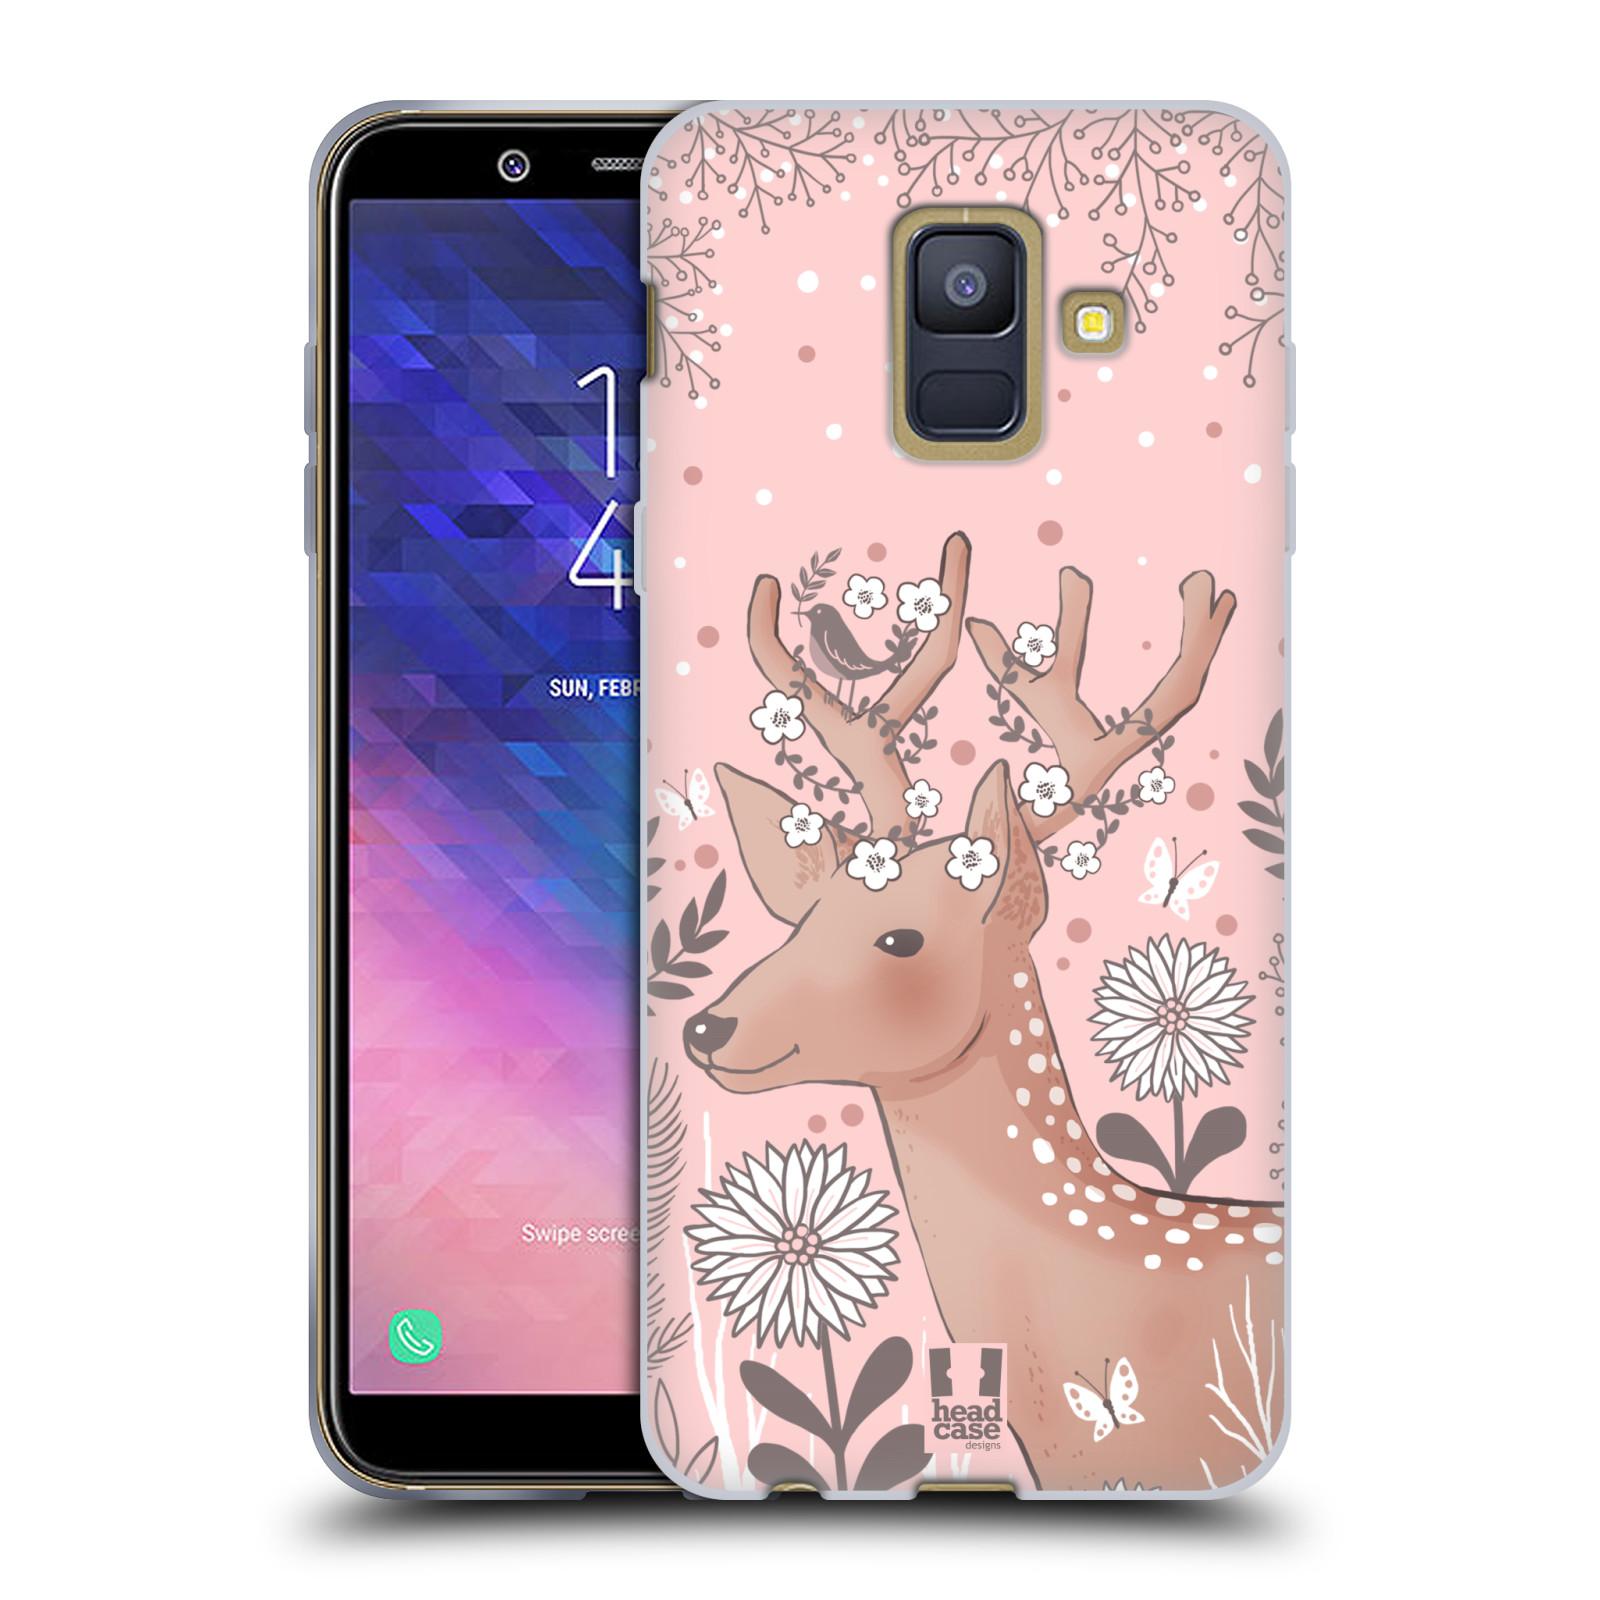 Silikonové pouzdro na mobil Samsung Galaxy A6 (2018) - Head Case - Jelíneček